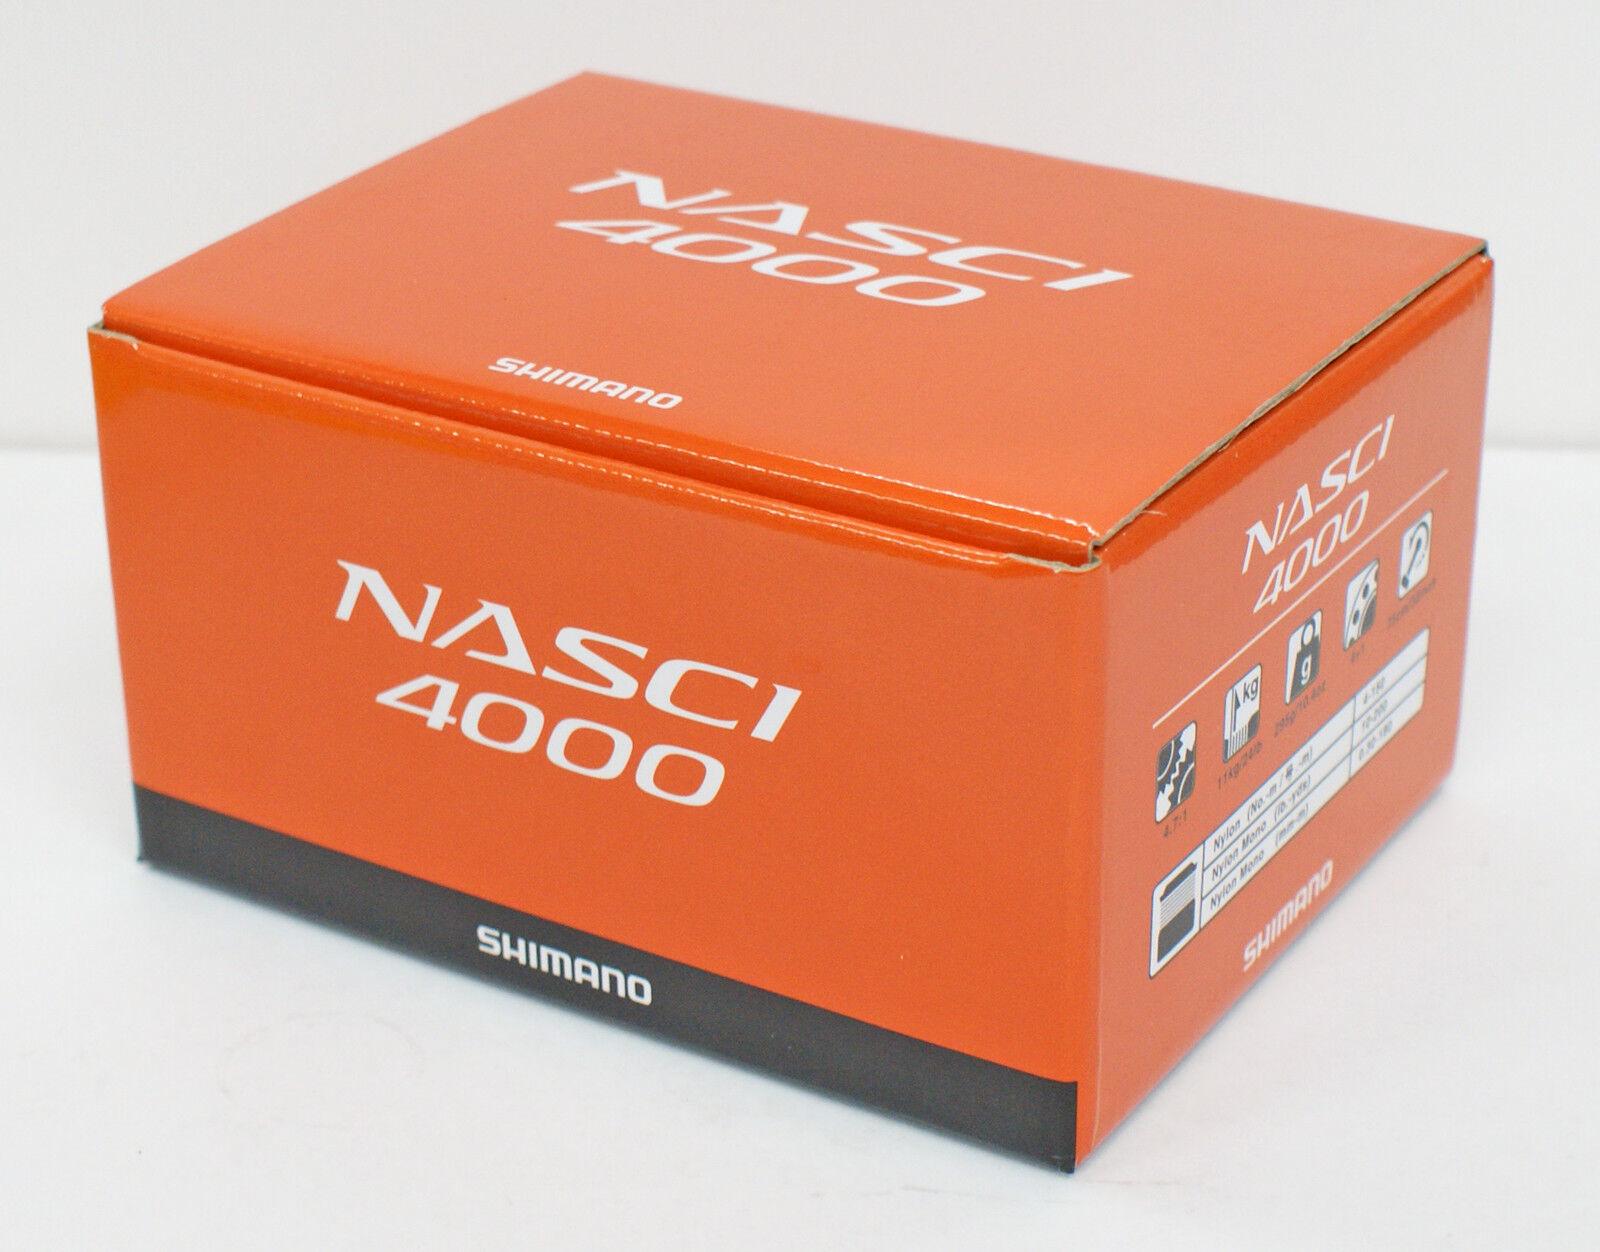 Shimano 16 Nasci 4000 Spinning Reel 4969363035752